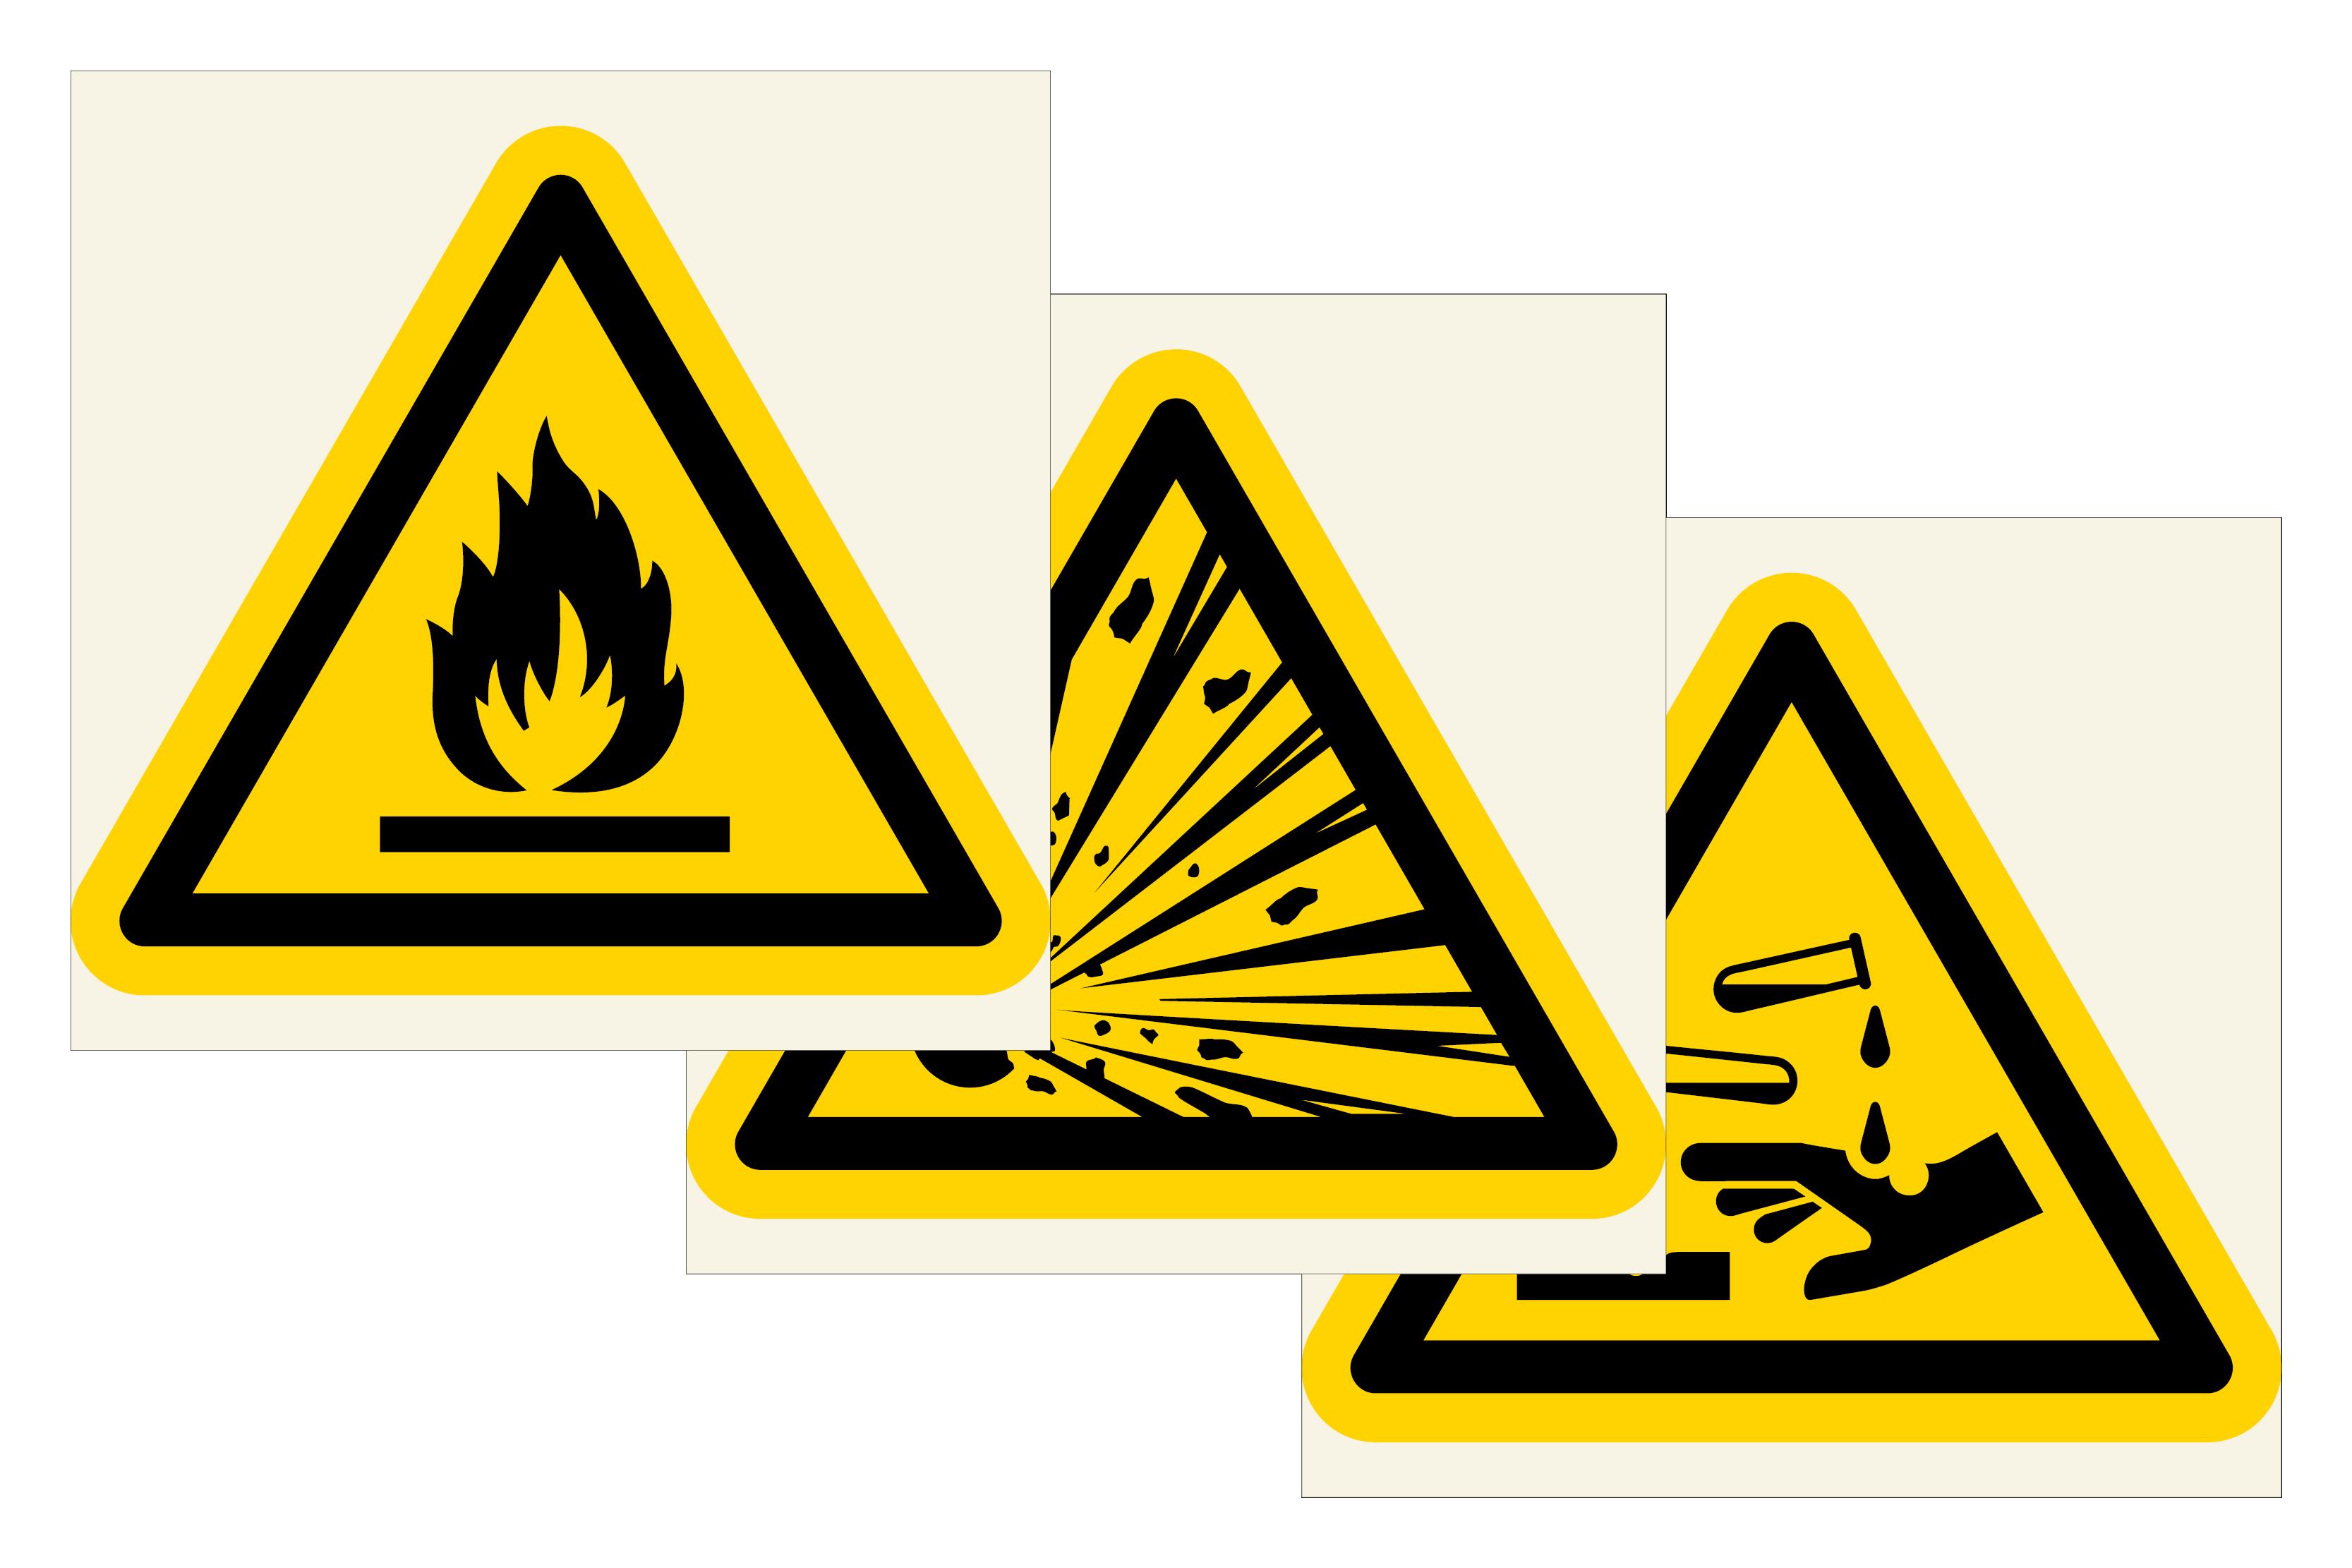 Warning Signs Image